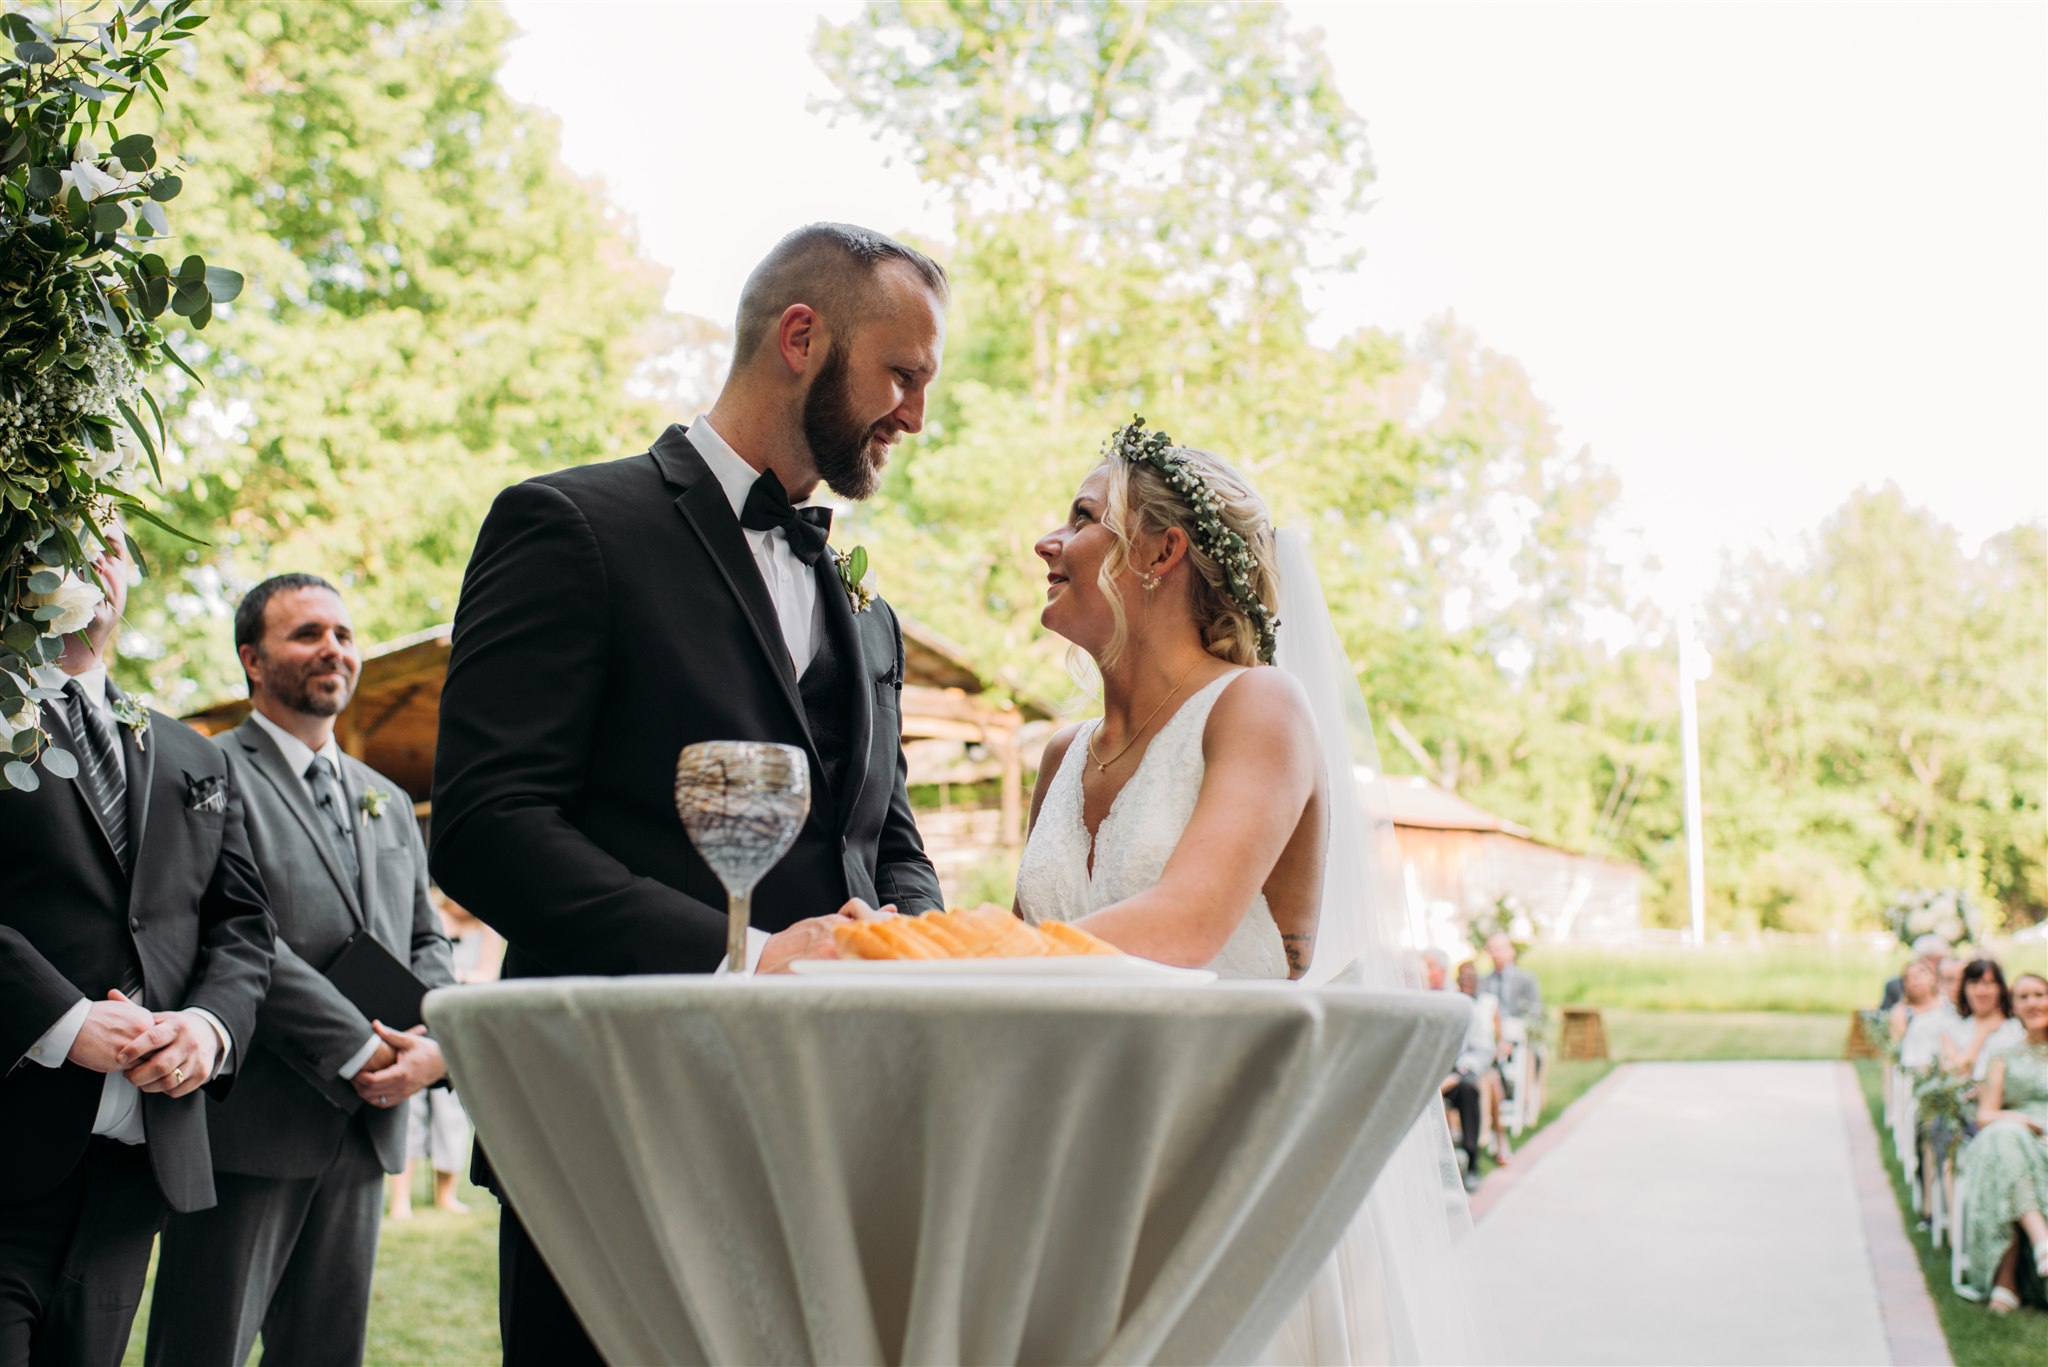 Cedar Grove Acres Wedding - Raleigh Wedding Photographer - North Carolina Wedding Photographer - Creedmoor Wedding Photographer - Summer Wedding